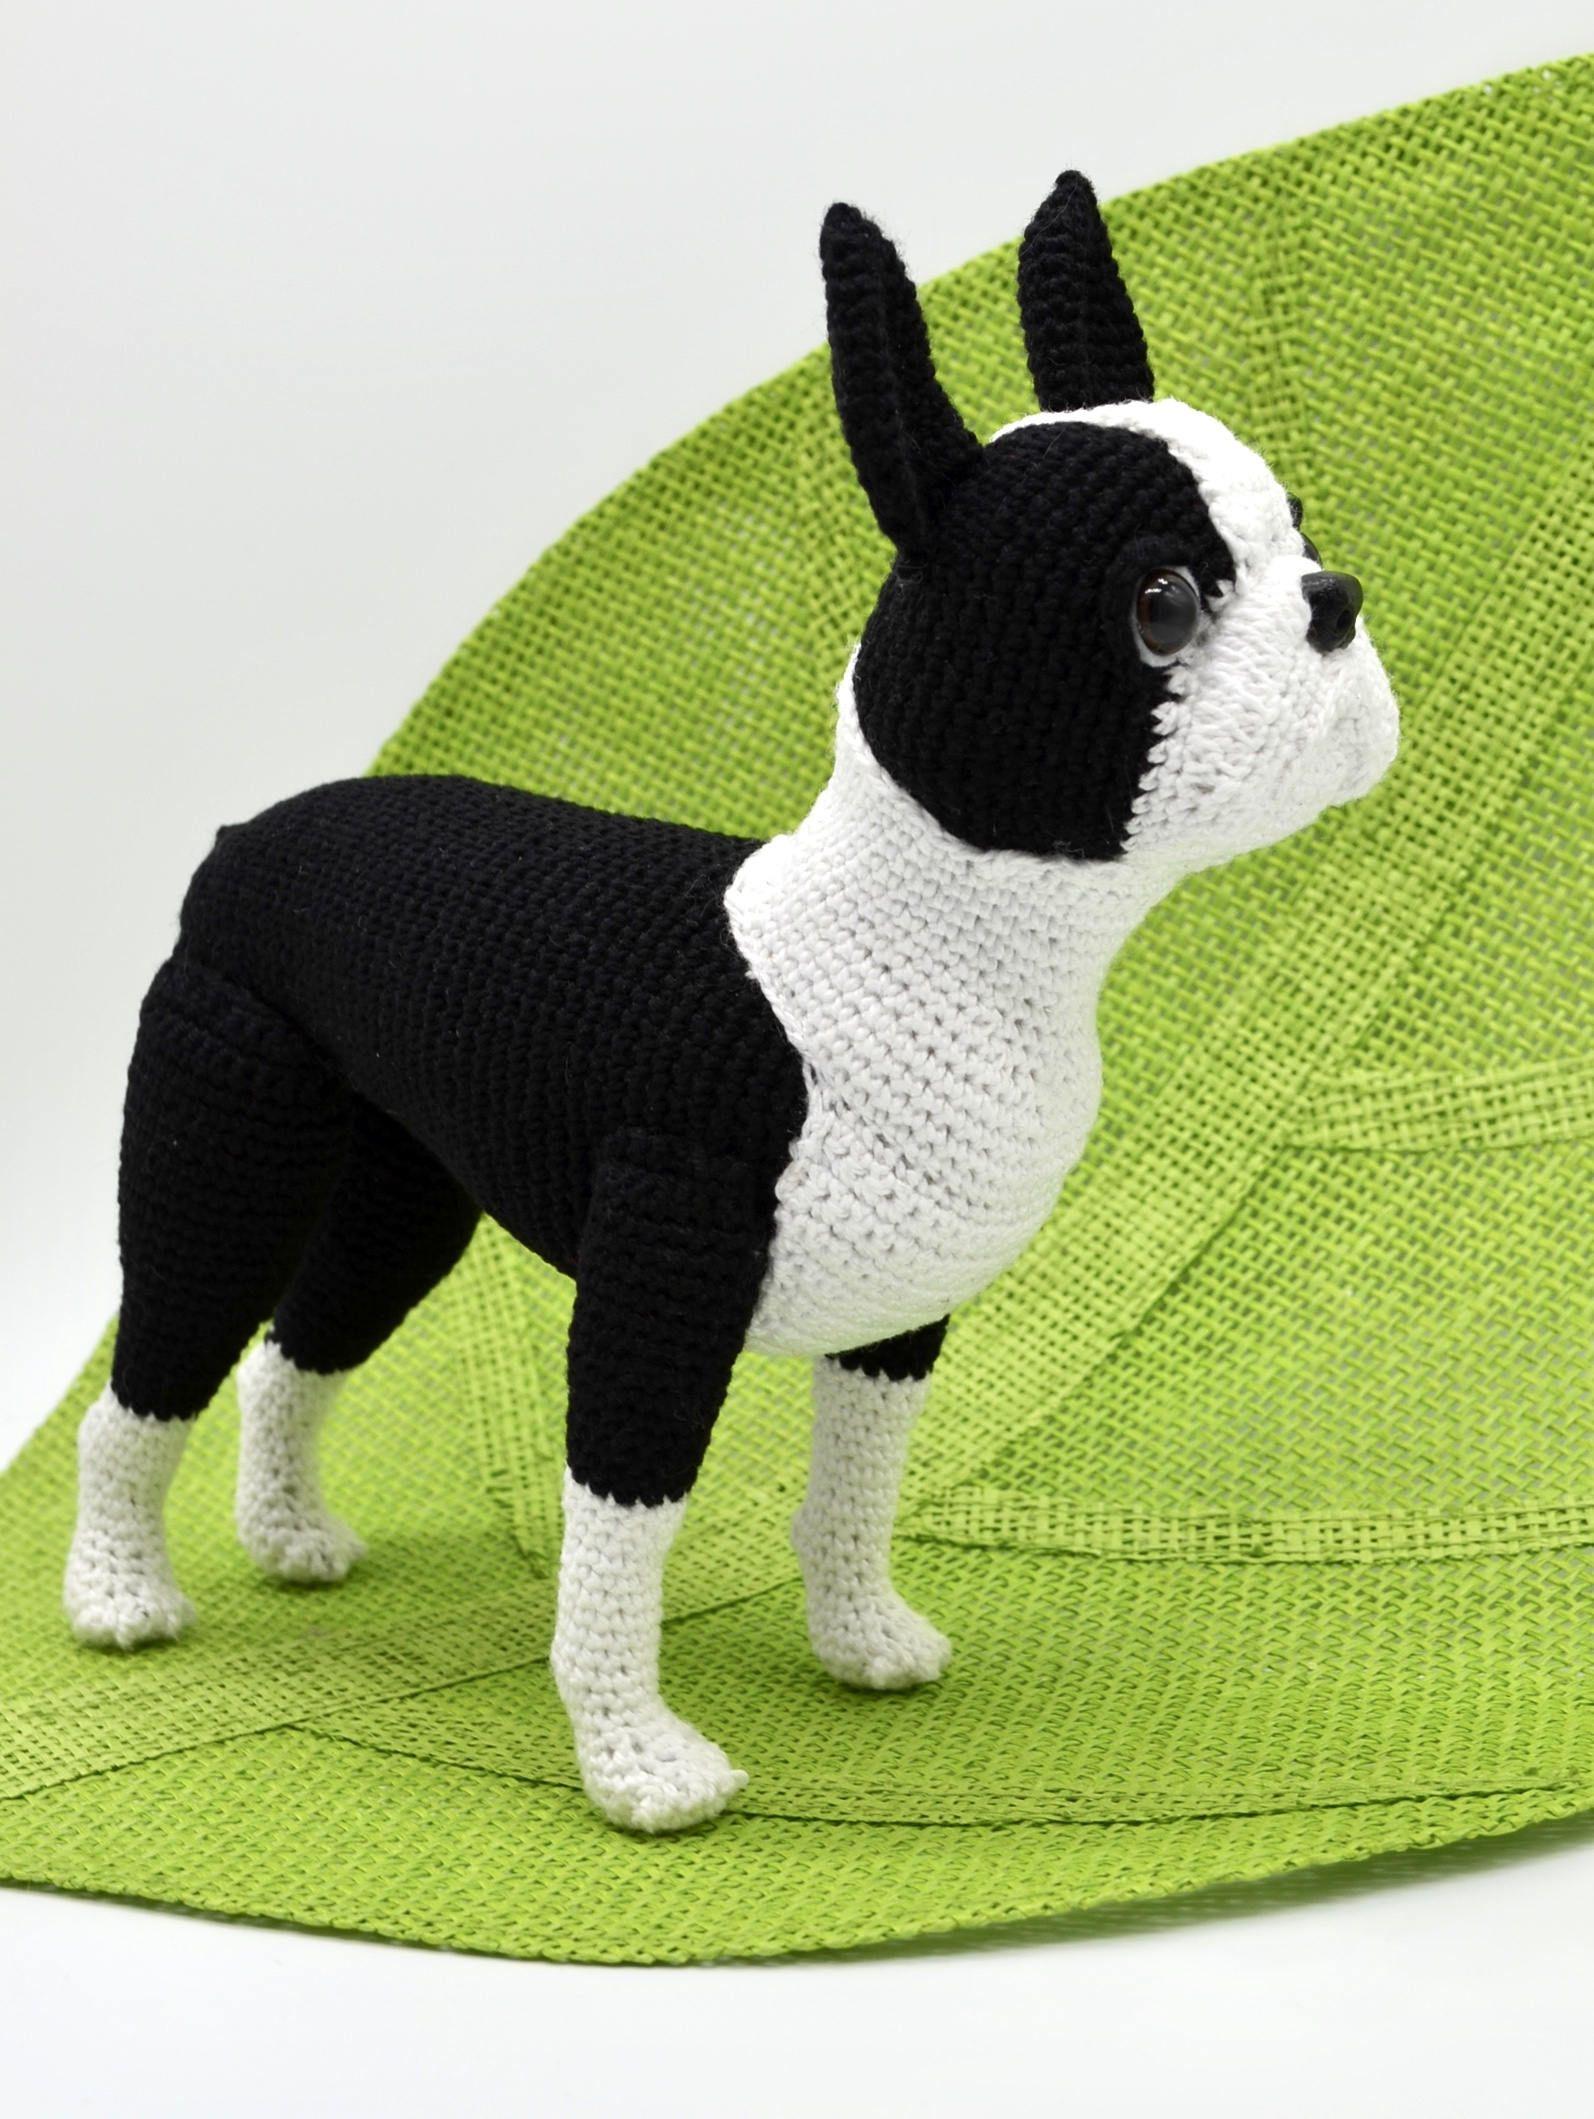 Boston Terrier Crochet Pattern Crochet Dog Amigurumi Pattern Etsy Crochet Dog Crochet Dog Patterns Dog Pattern